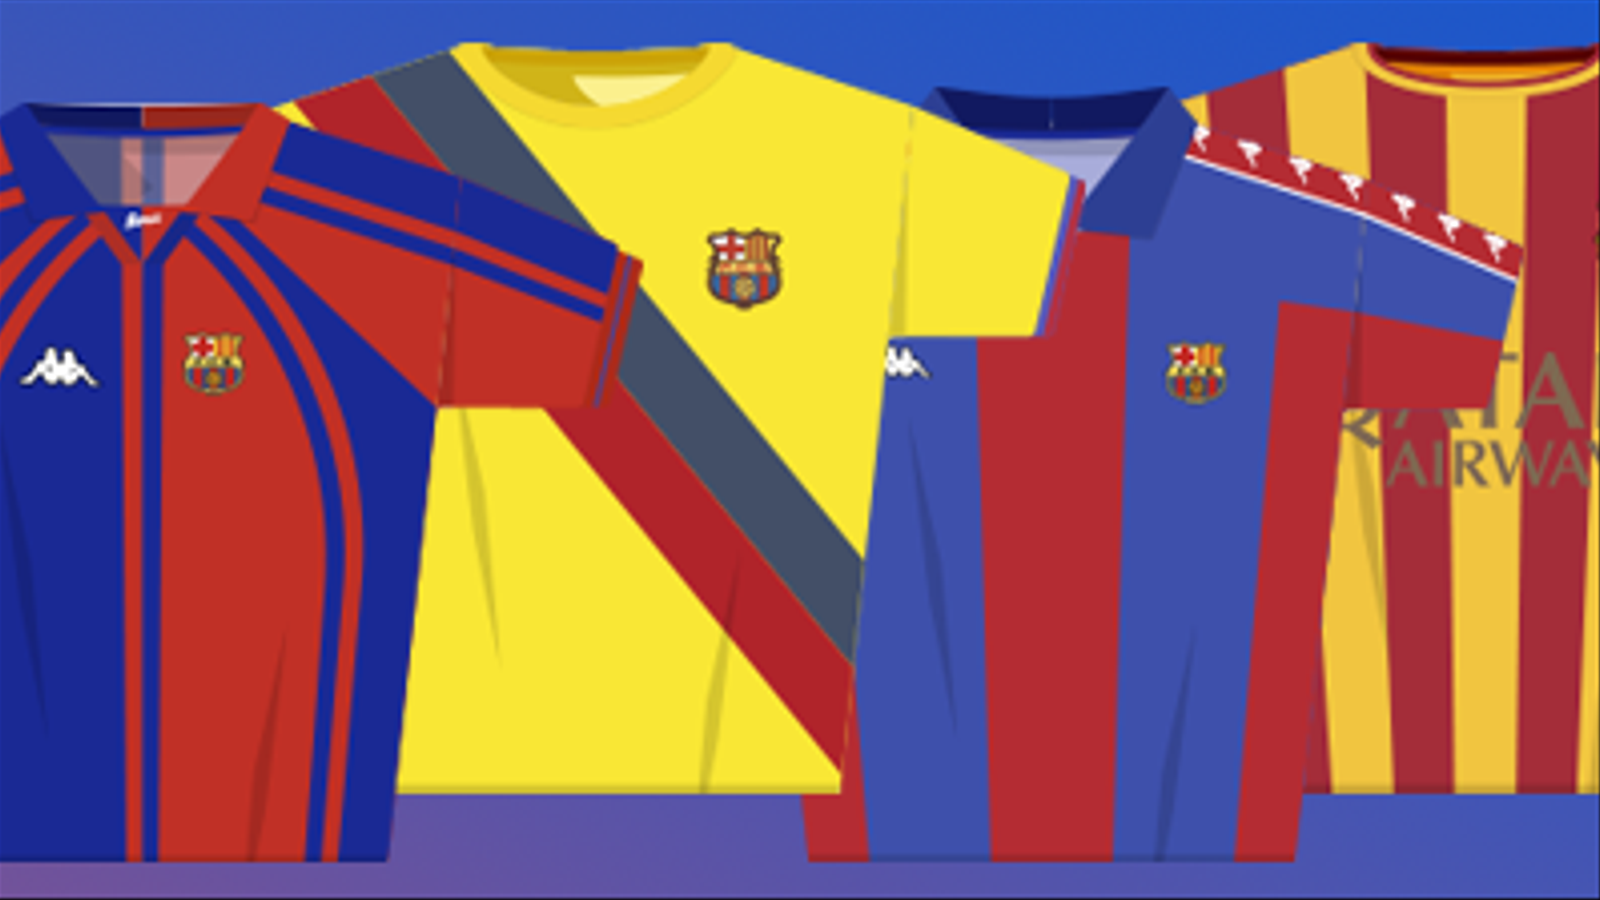 Consulta totes les equipacions de la història del Barça